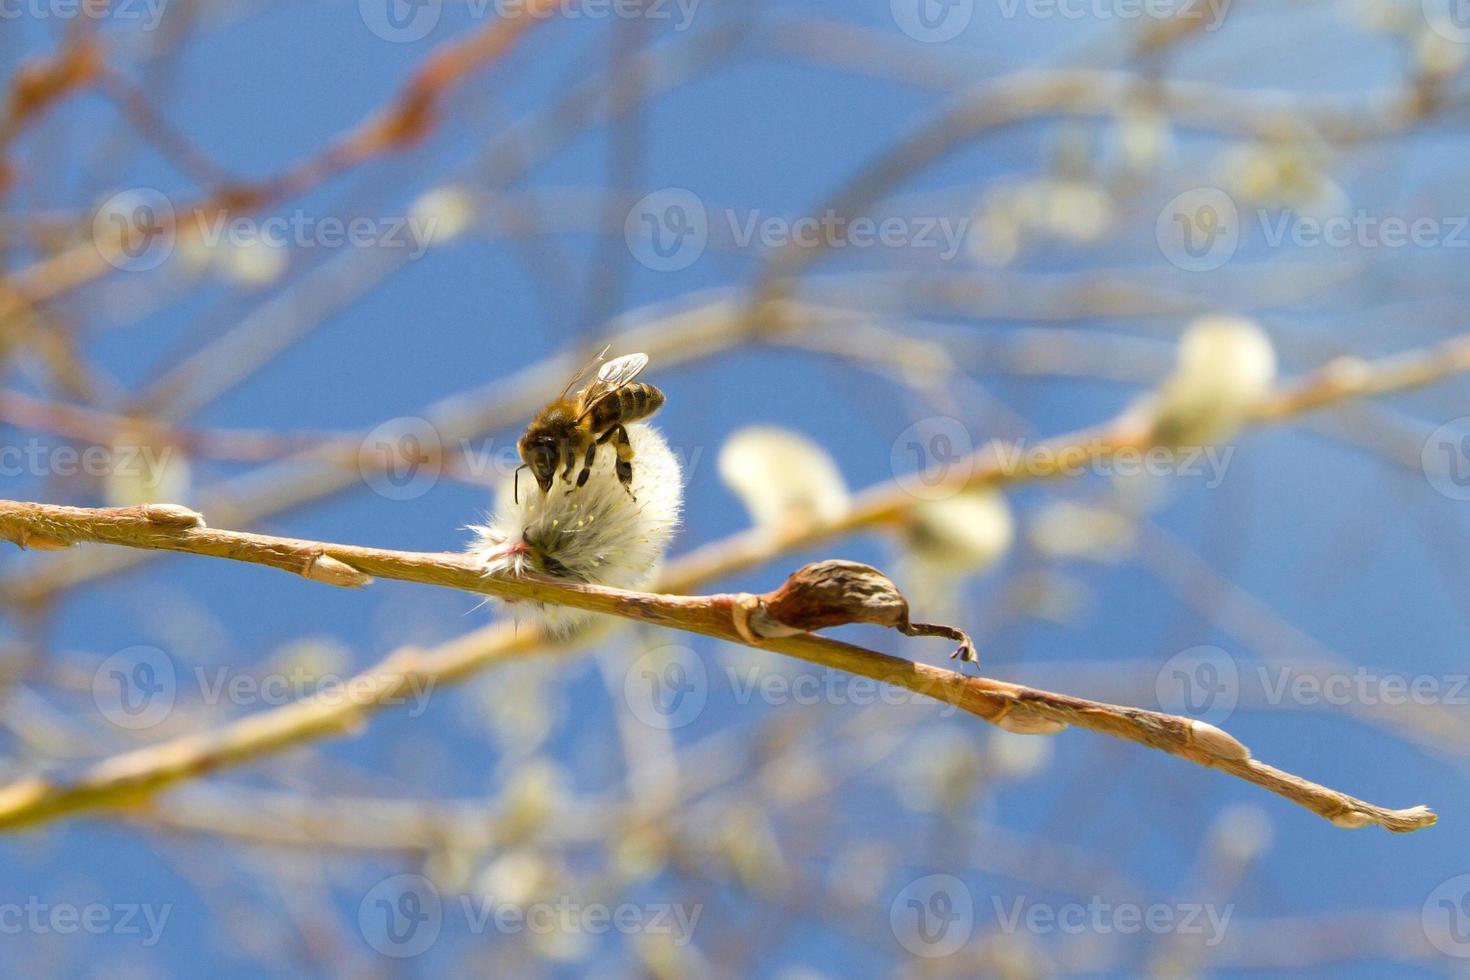 Biene auf einem Zweig einer Weide foto